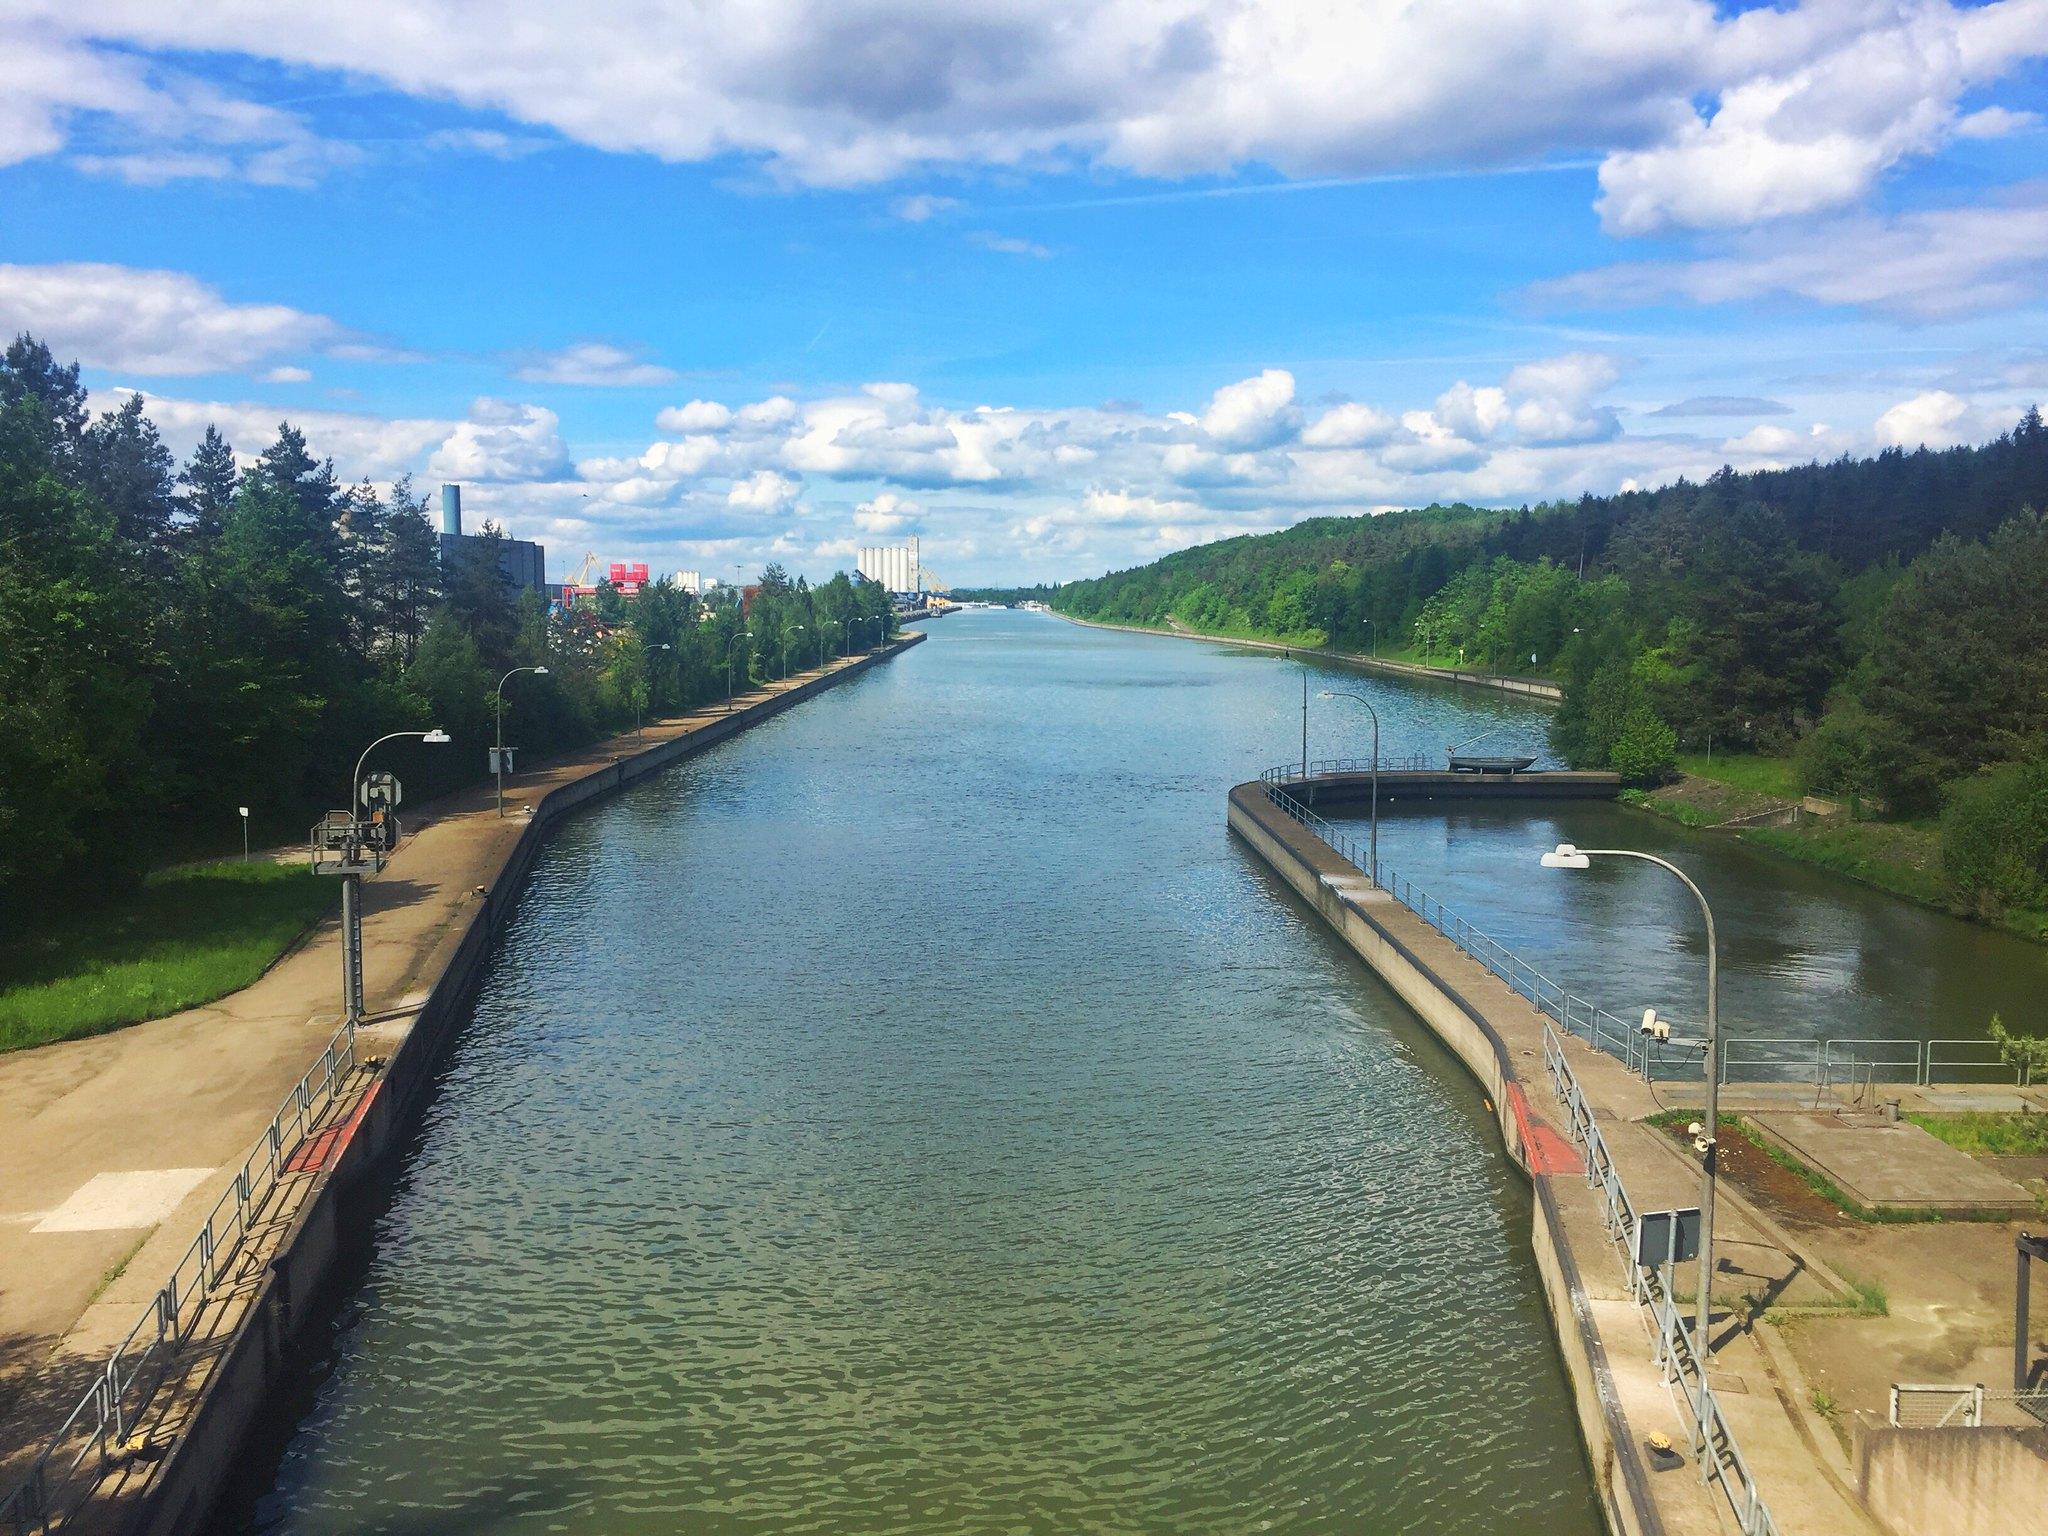 2017-05-20 - Main-Donau-Kanal #nbglove